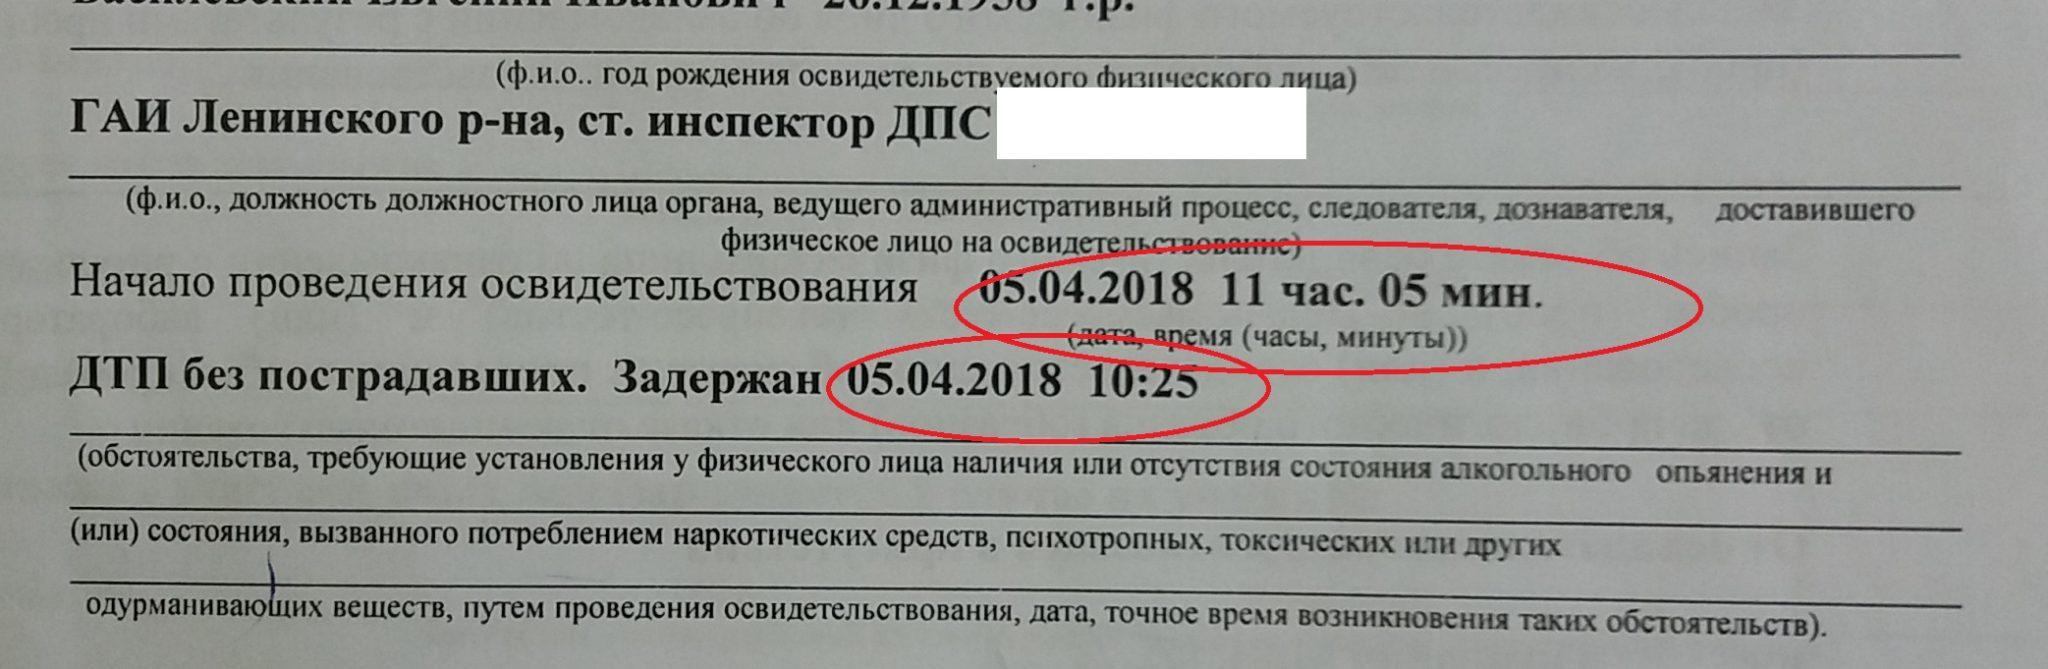 акт освидетельствования по статье 18.16 КоАП Республики Беларусь, адвокат по статье 18.16 КоАП в РБ, освидетельствование на опьянение